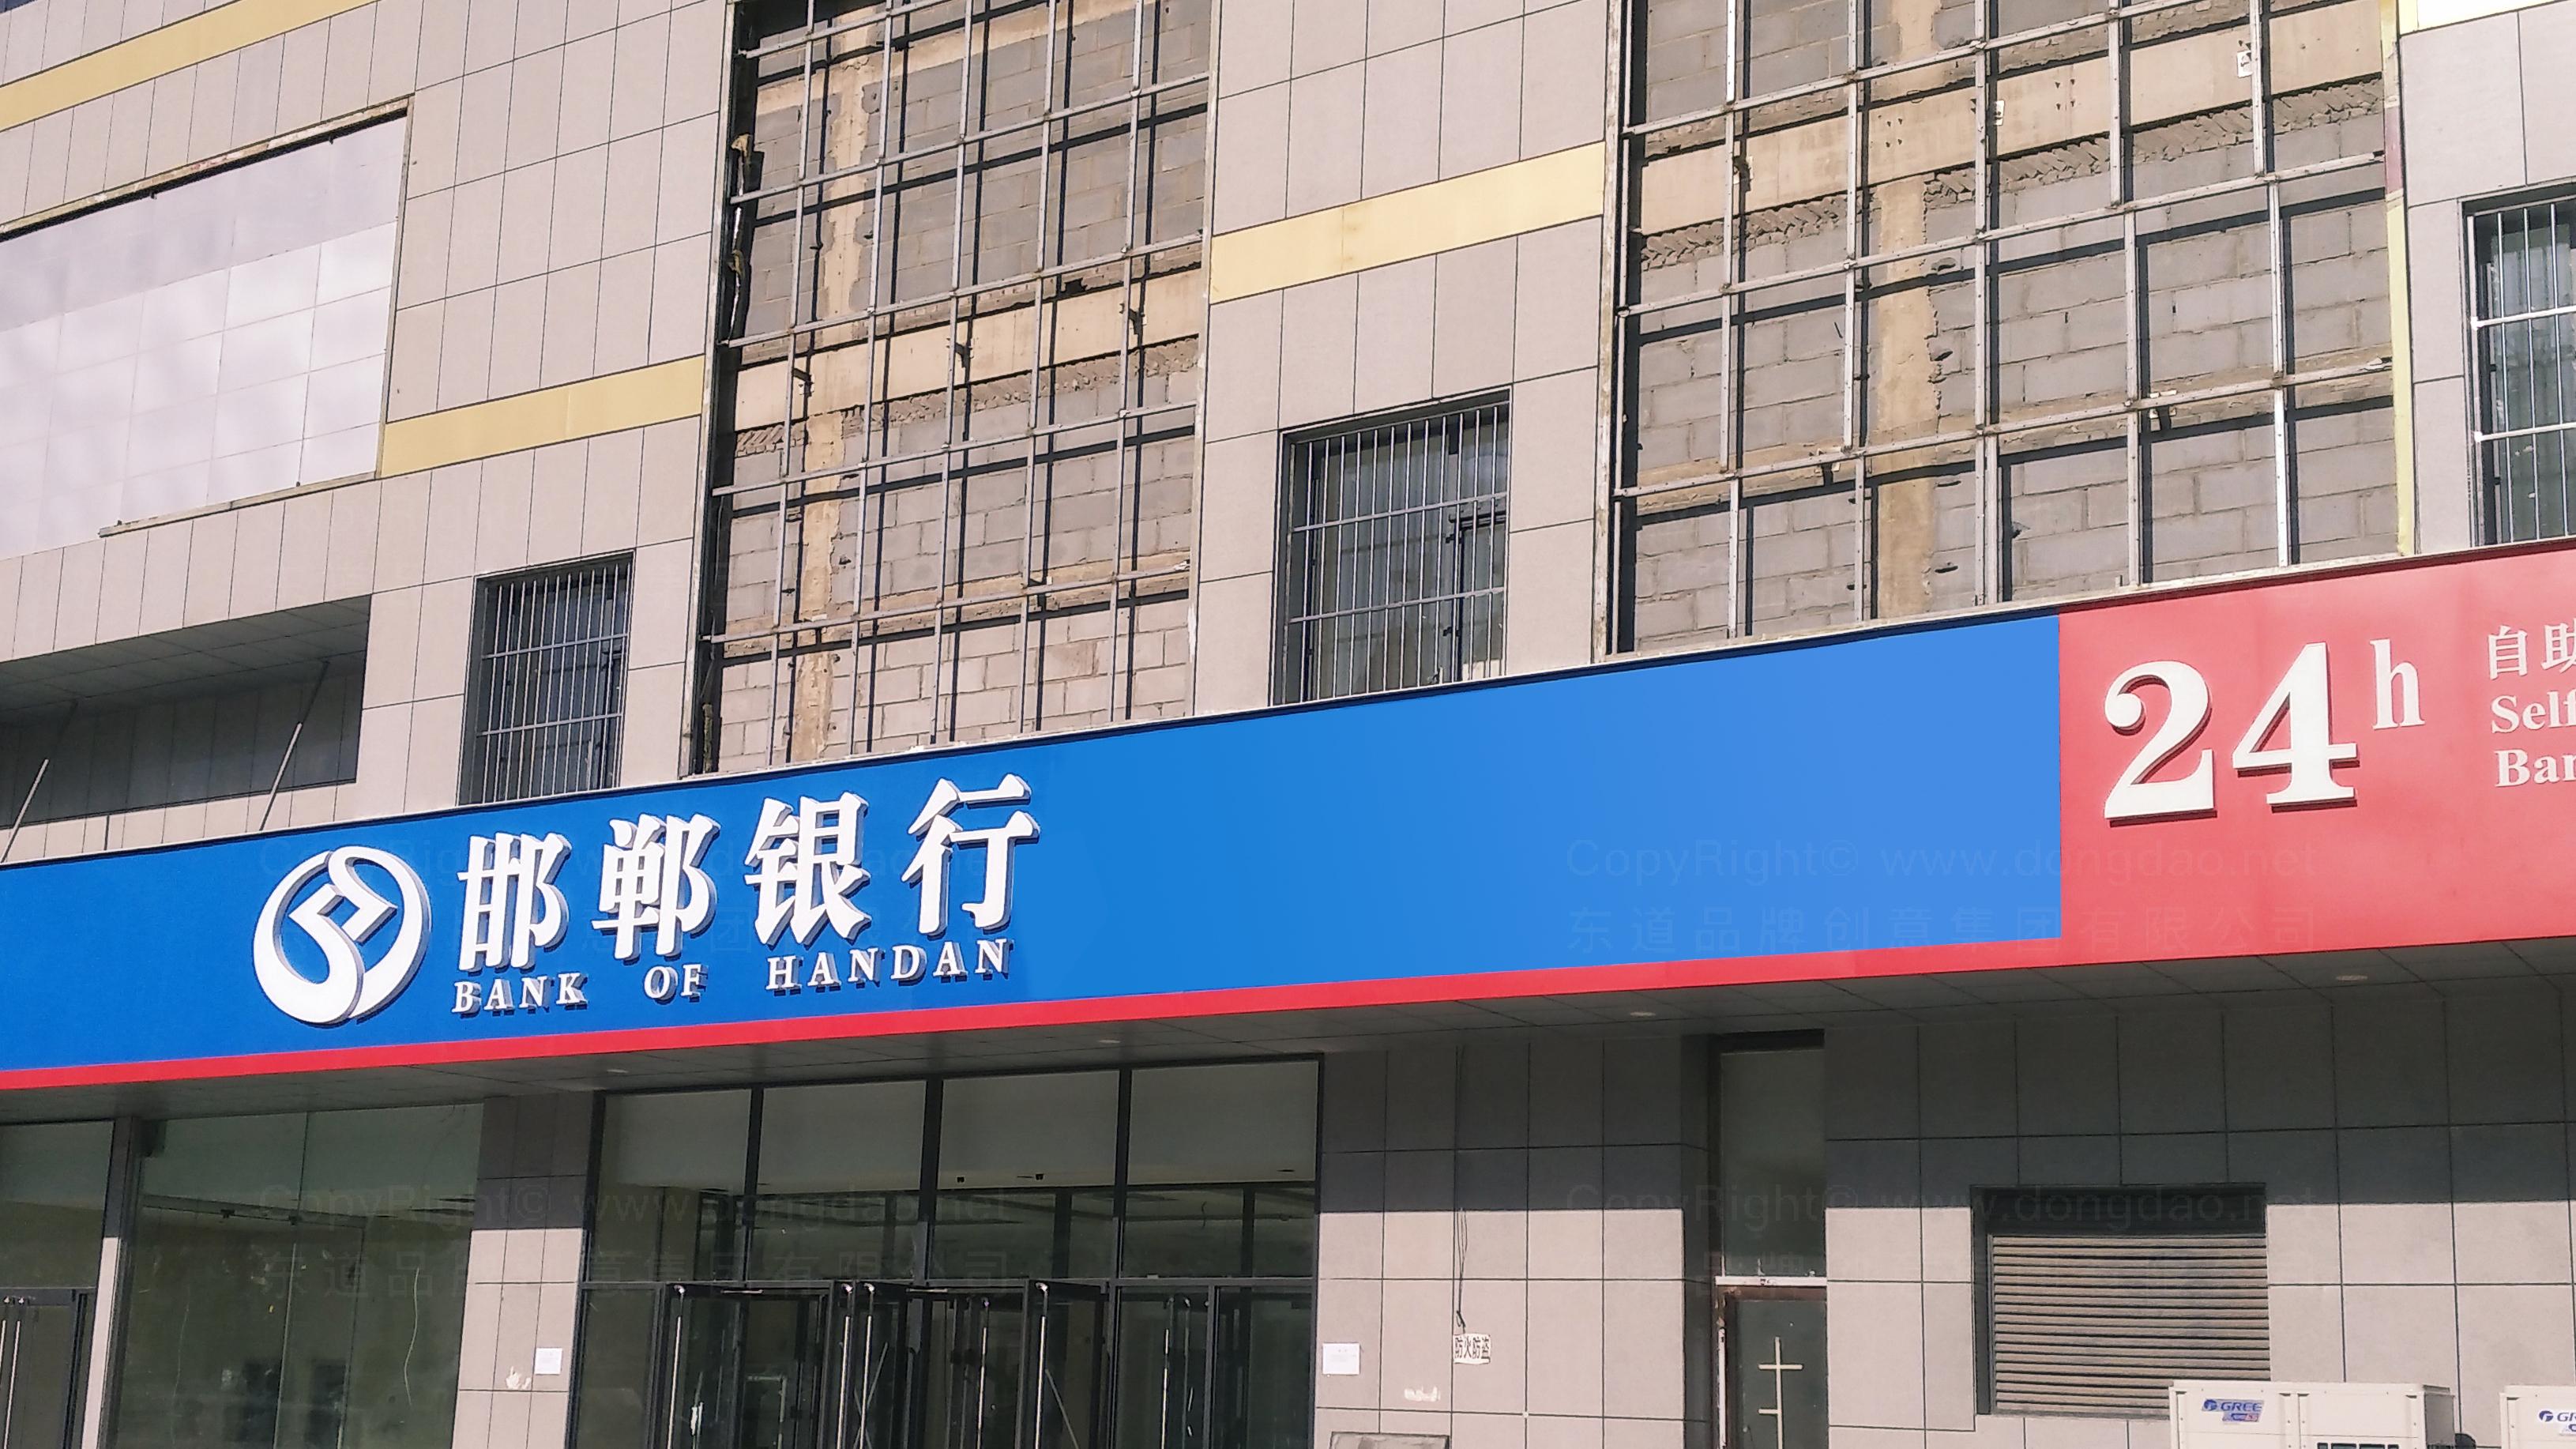 落地工程邯郸银行标识工程应用场景_23